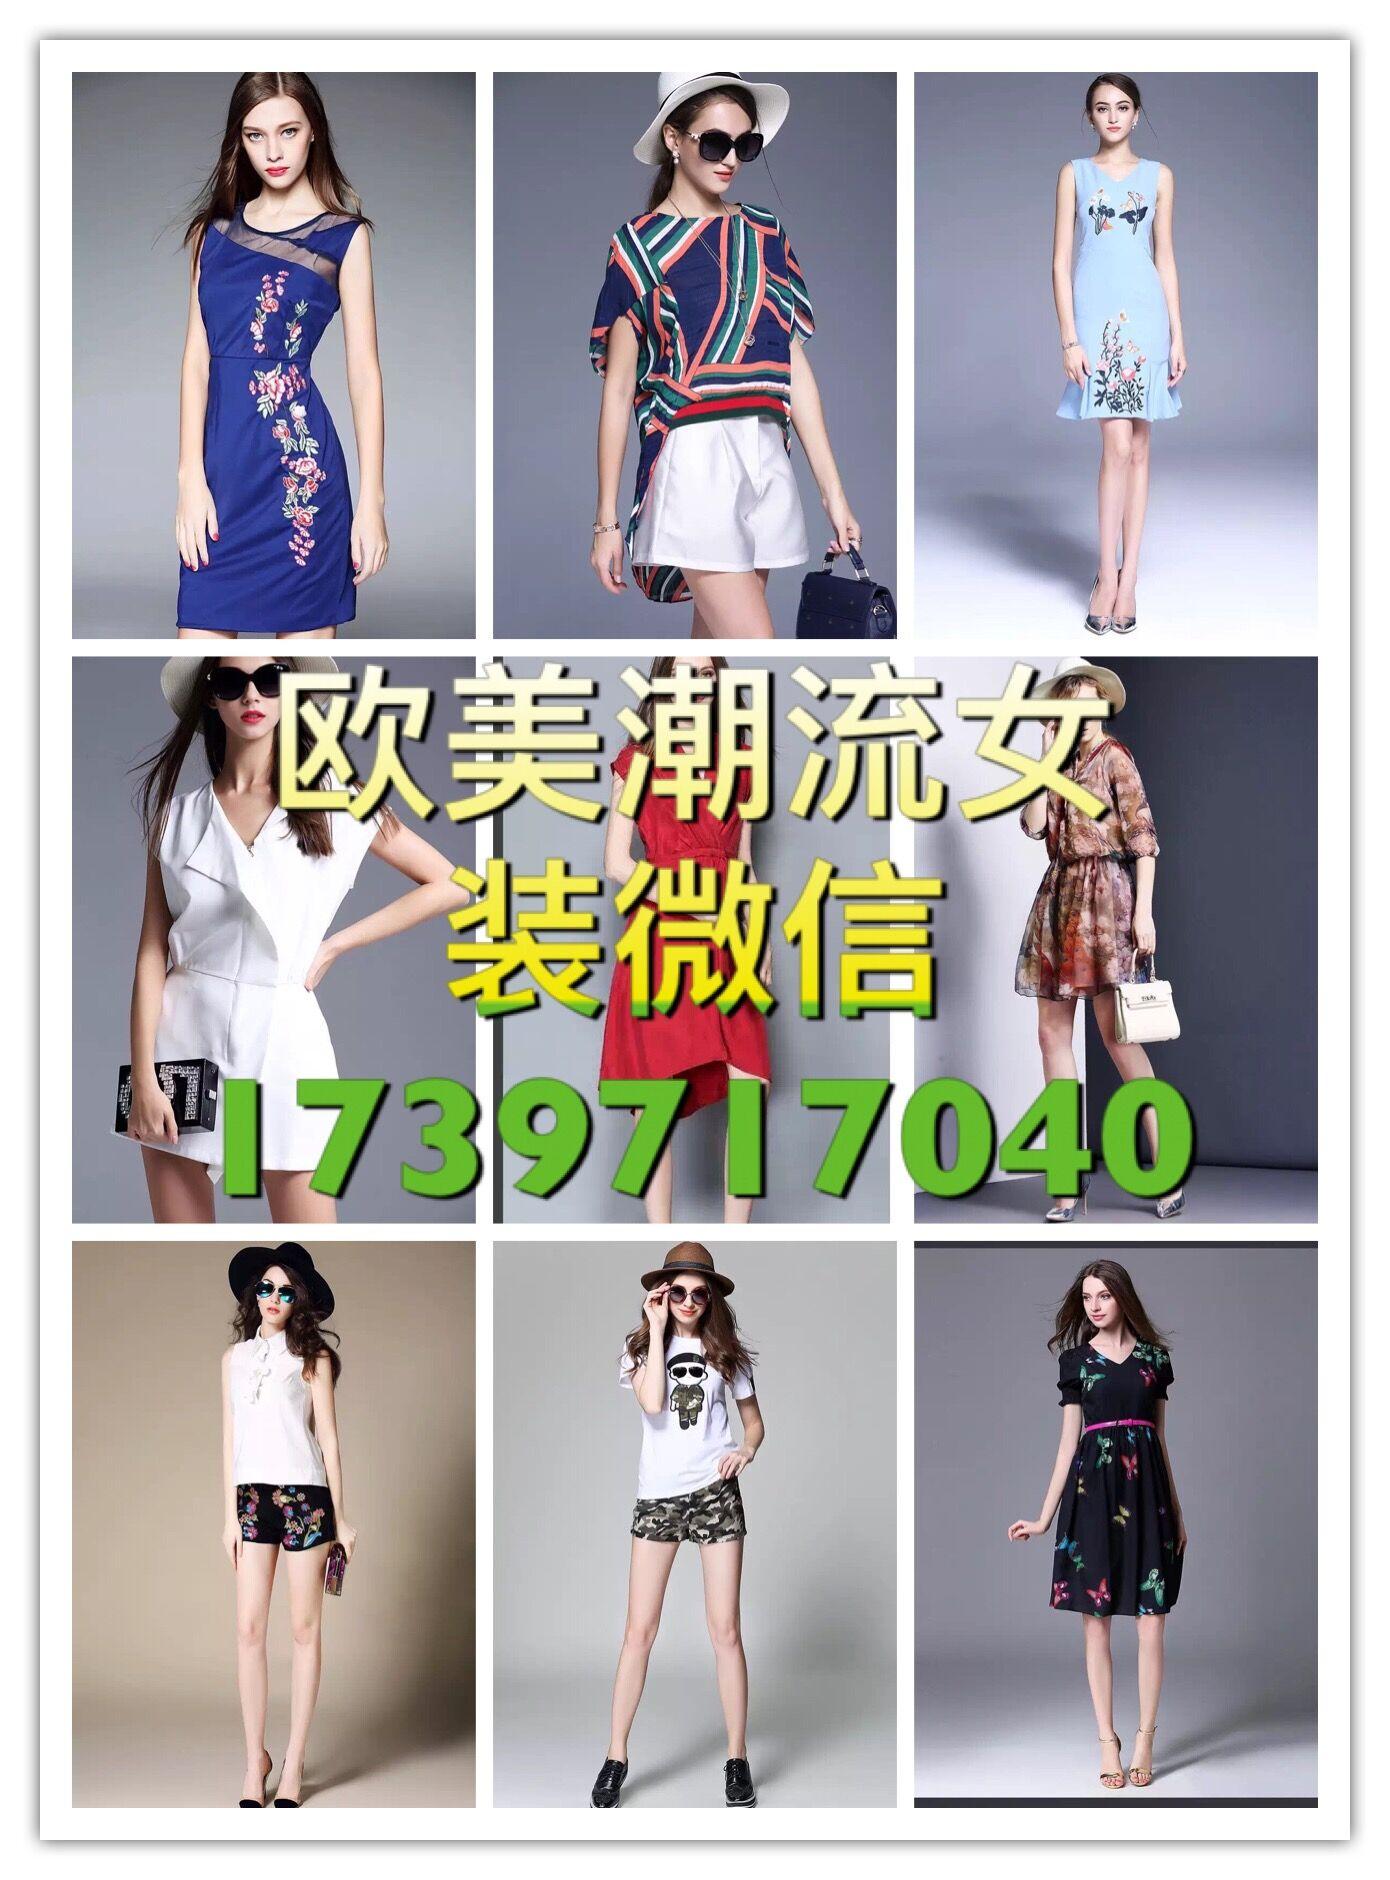 这是第6张女装货源微商女装进货女装代理的货源图片